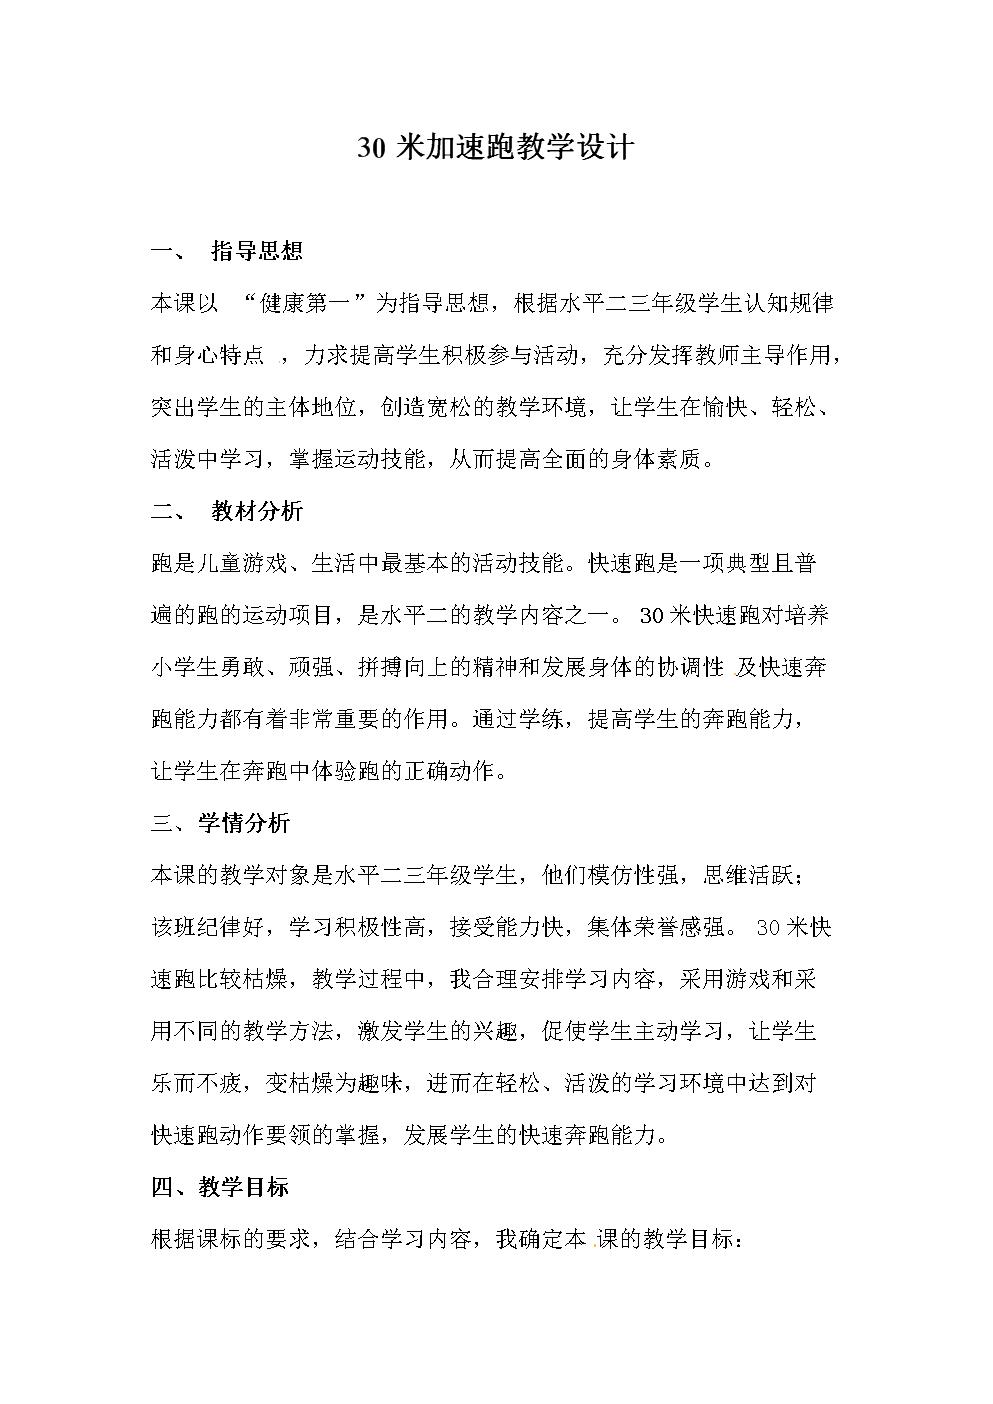 小学体育教案-30米加速跑 全国通用 (3).doc